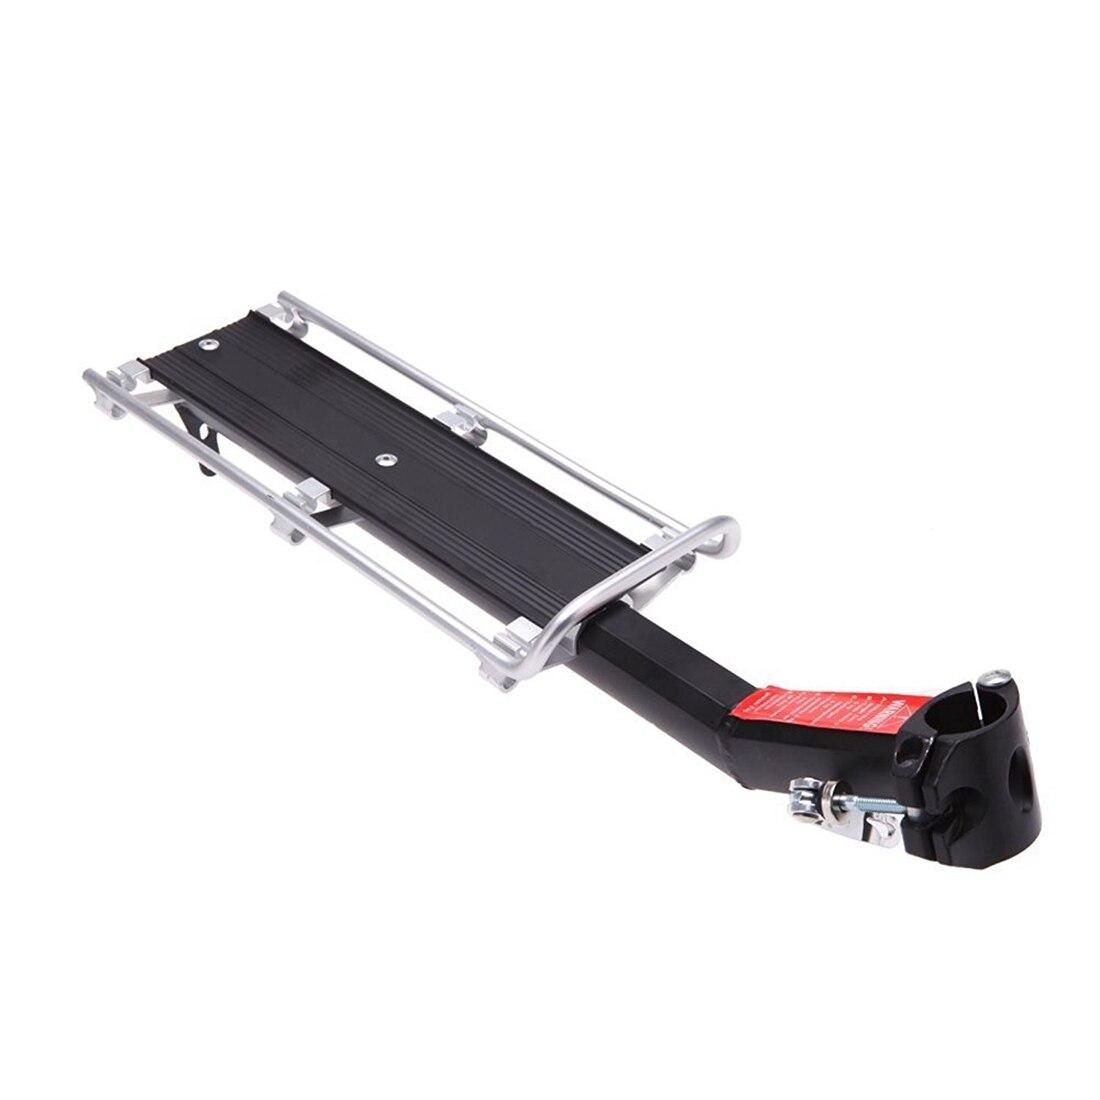 MTB Della Bicicletta Carrier Rack Sedile Posteriore Scaffale In Lega di Alluminio Esterno